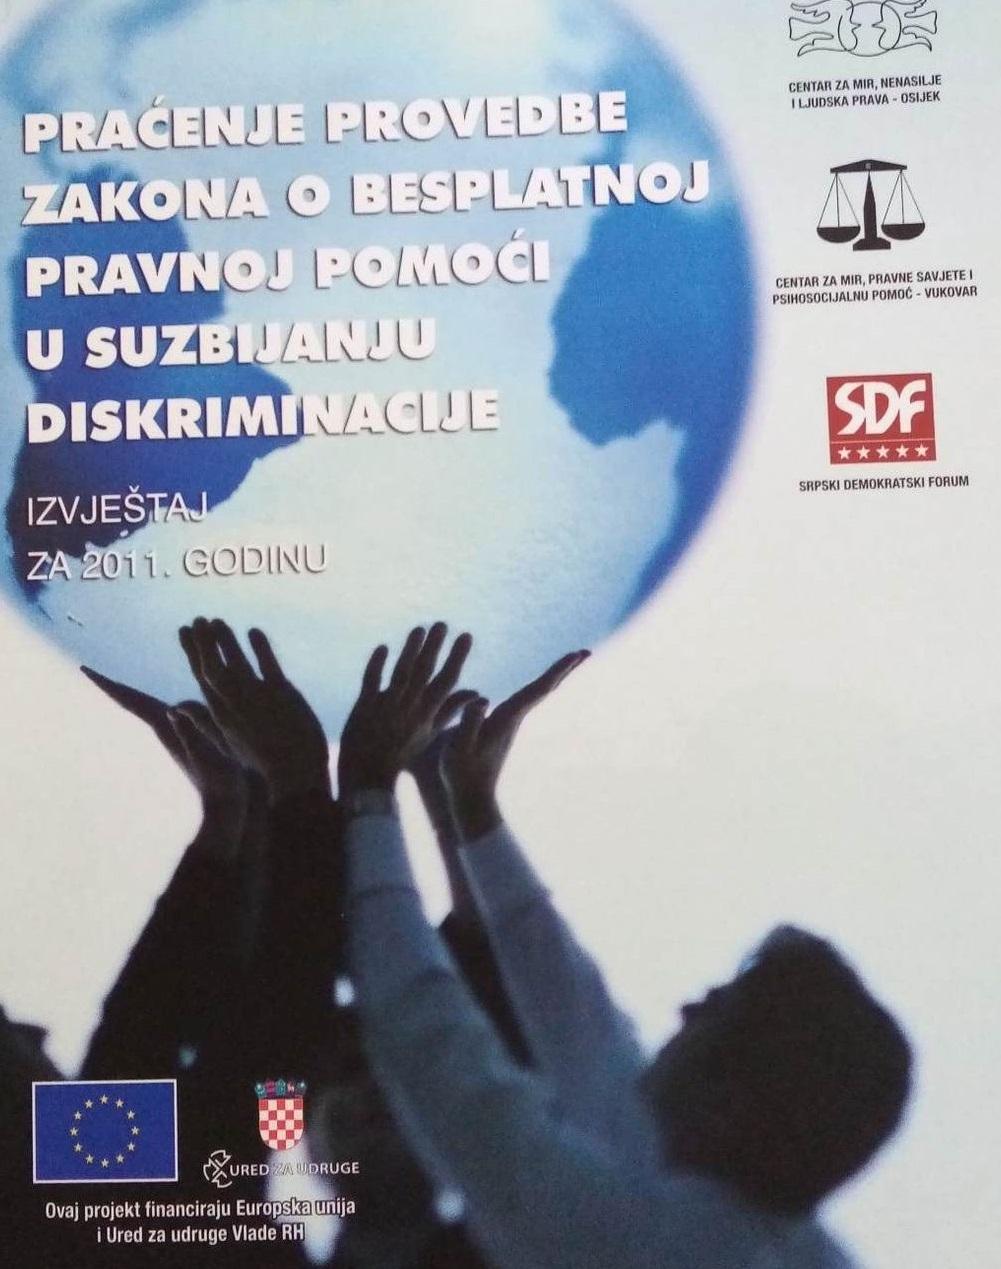 Koliko jednakosti? : praćenje provedbe Zakona o besplatnoj pravnoj pomoći i Zakona o suzbijanju diskriminacije